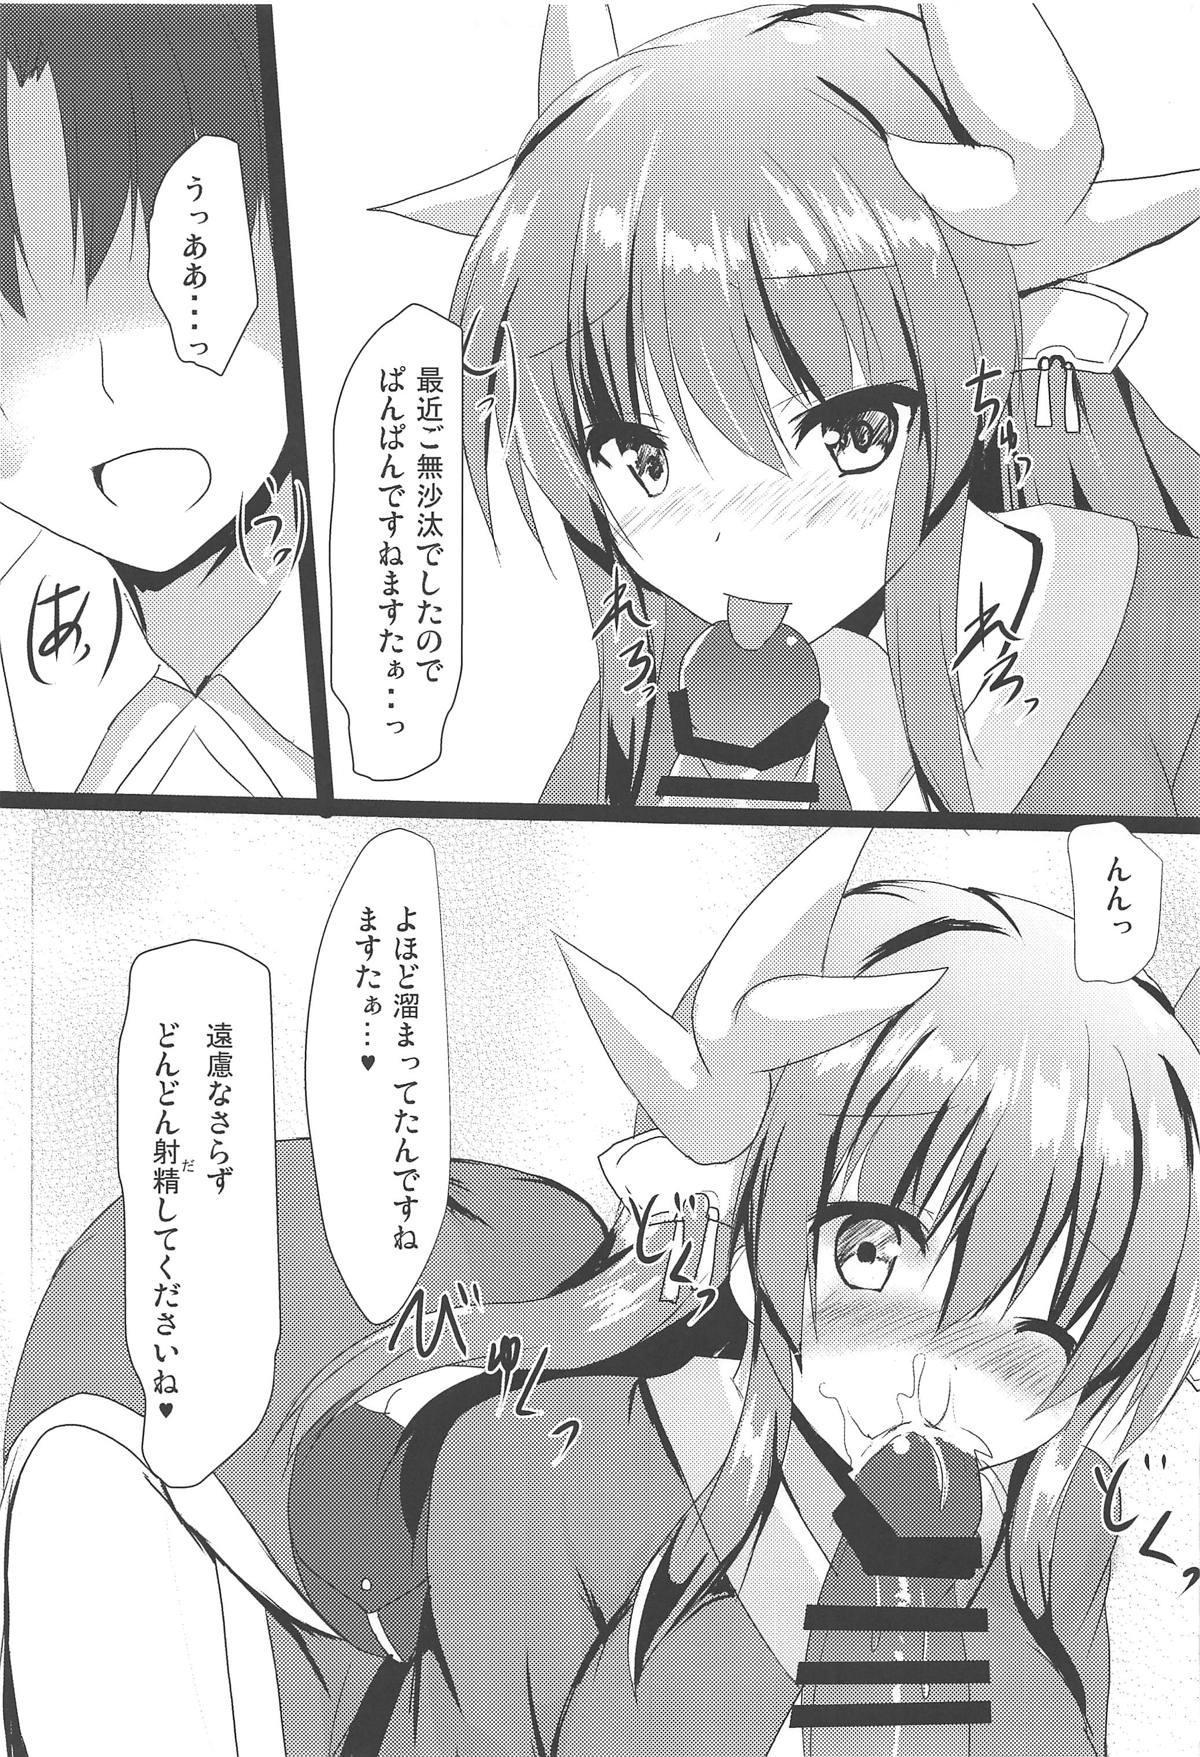 Kiyohii to Ichatsuku Hon 3